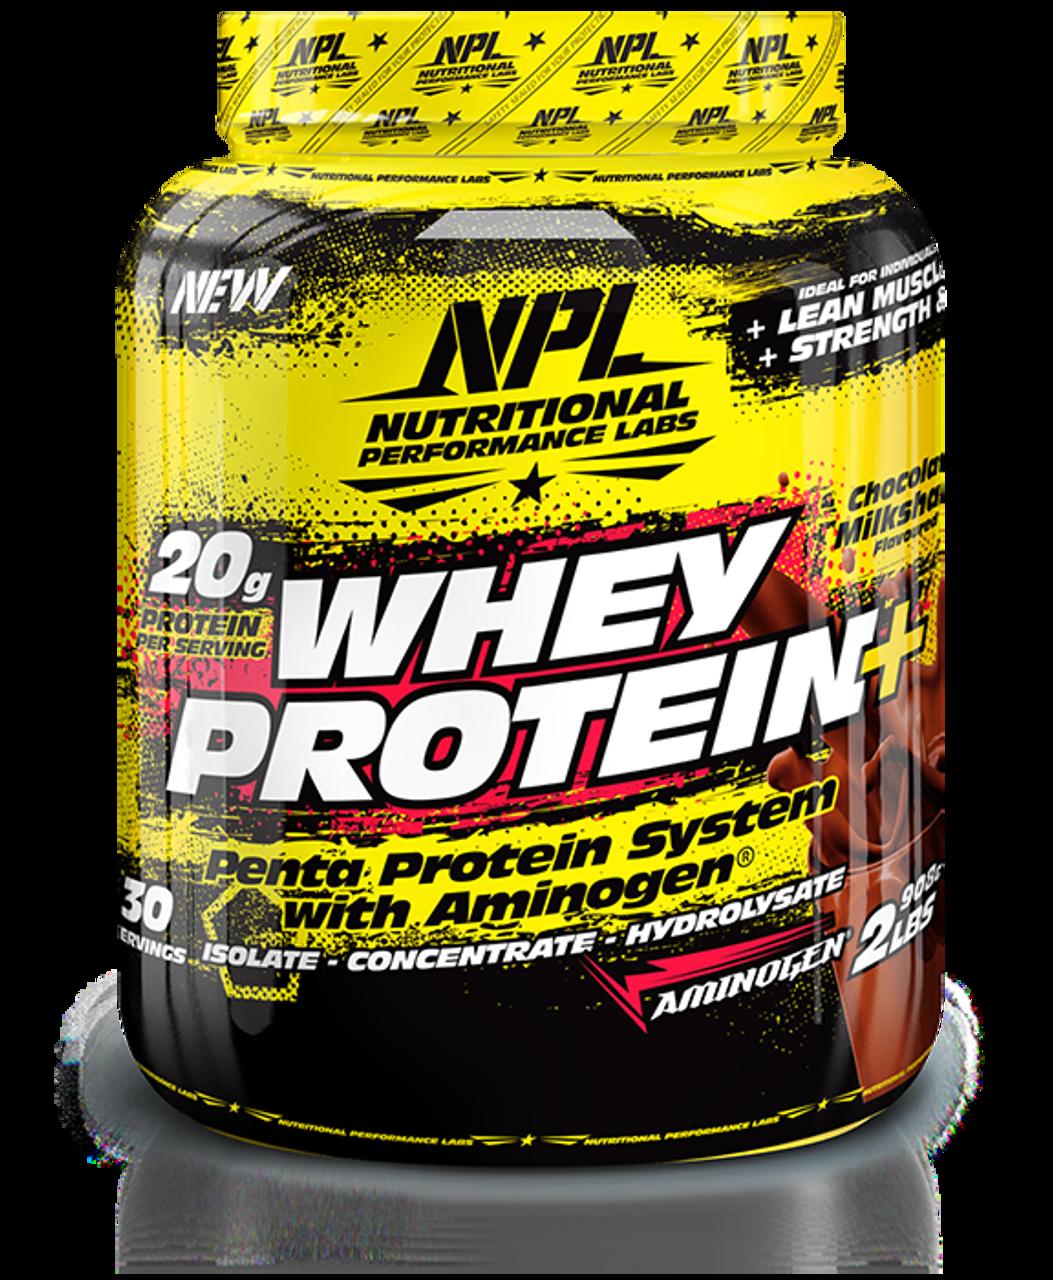 NPL Whey Protein Chocolate Milkshake